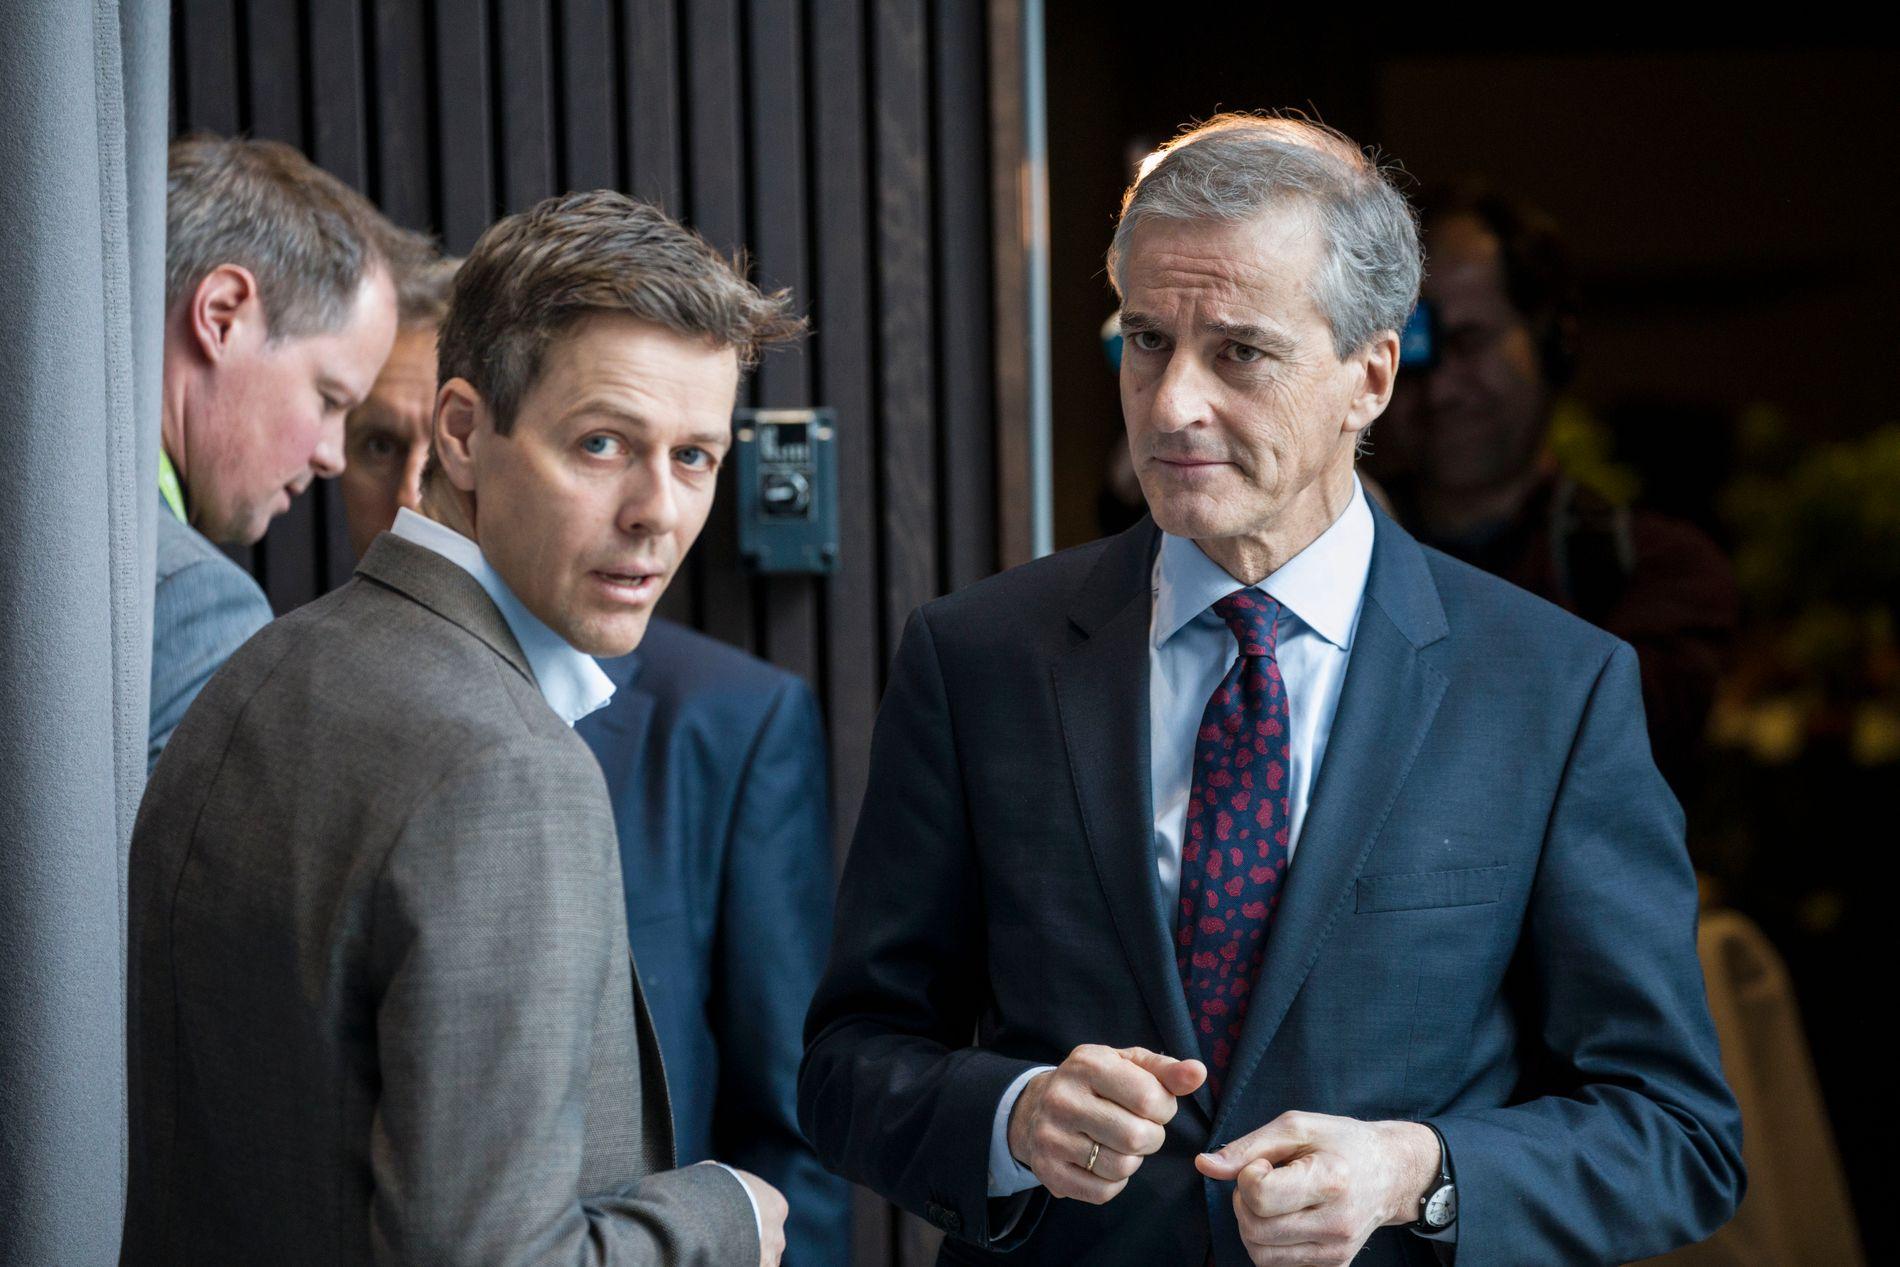 SNAKKET SAMMEN: KrF-leder Knut Arild Hareide og Aps leder Jonas Gahr Støre etter en paneldebatt med statsminister Erna Solberg på KNIF-konferansen på Gardermeon i april i fjor.